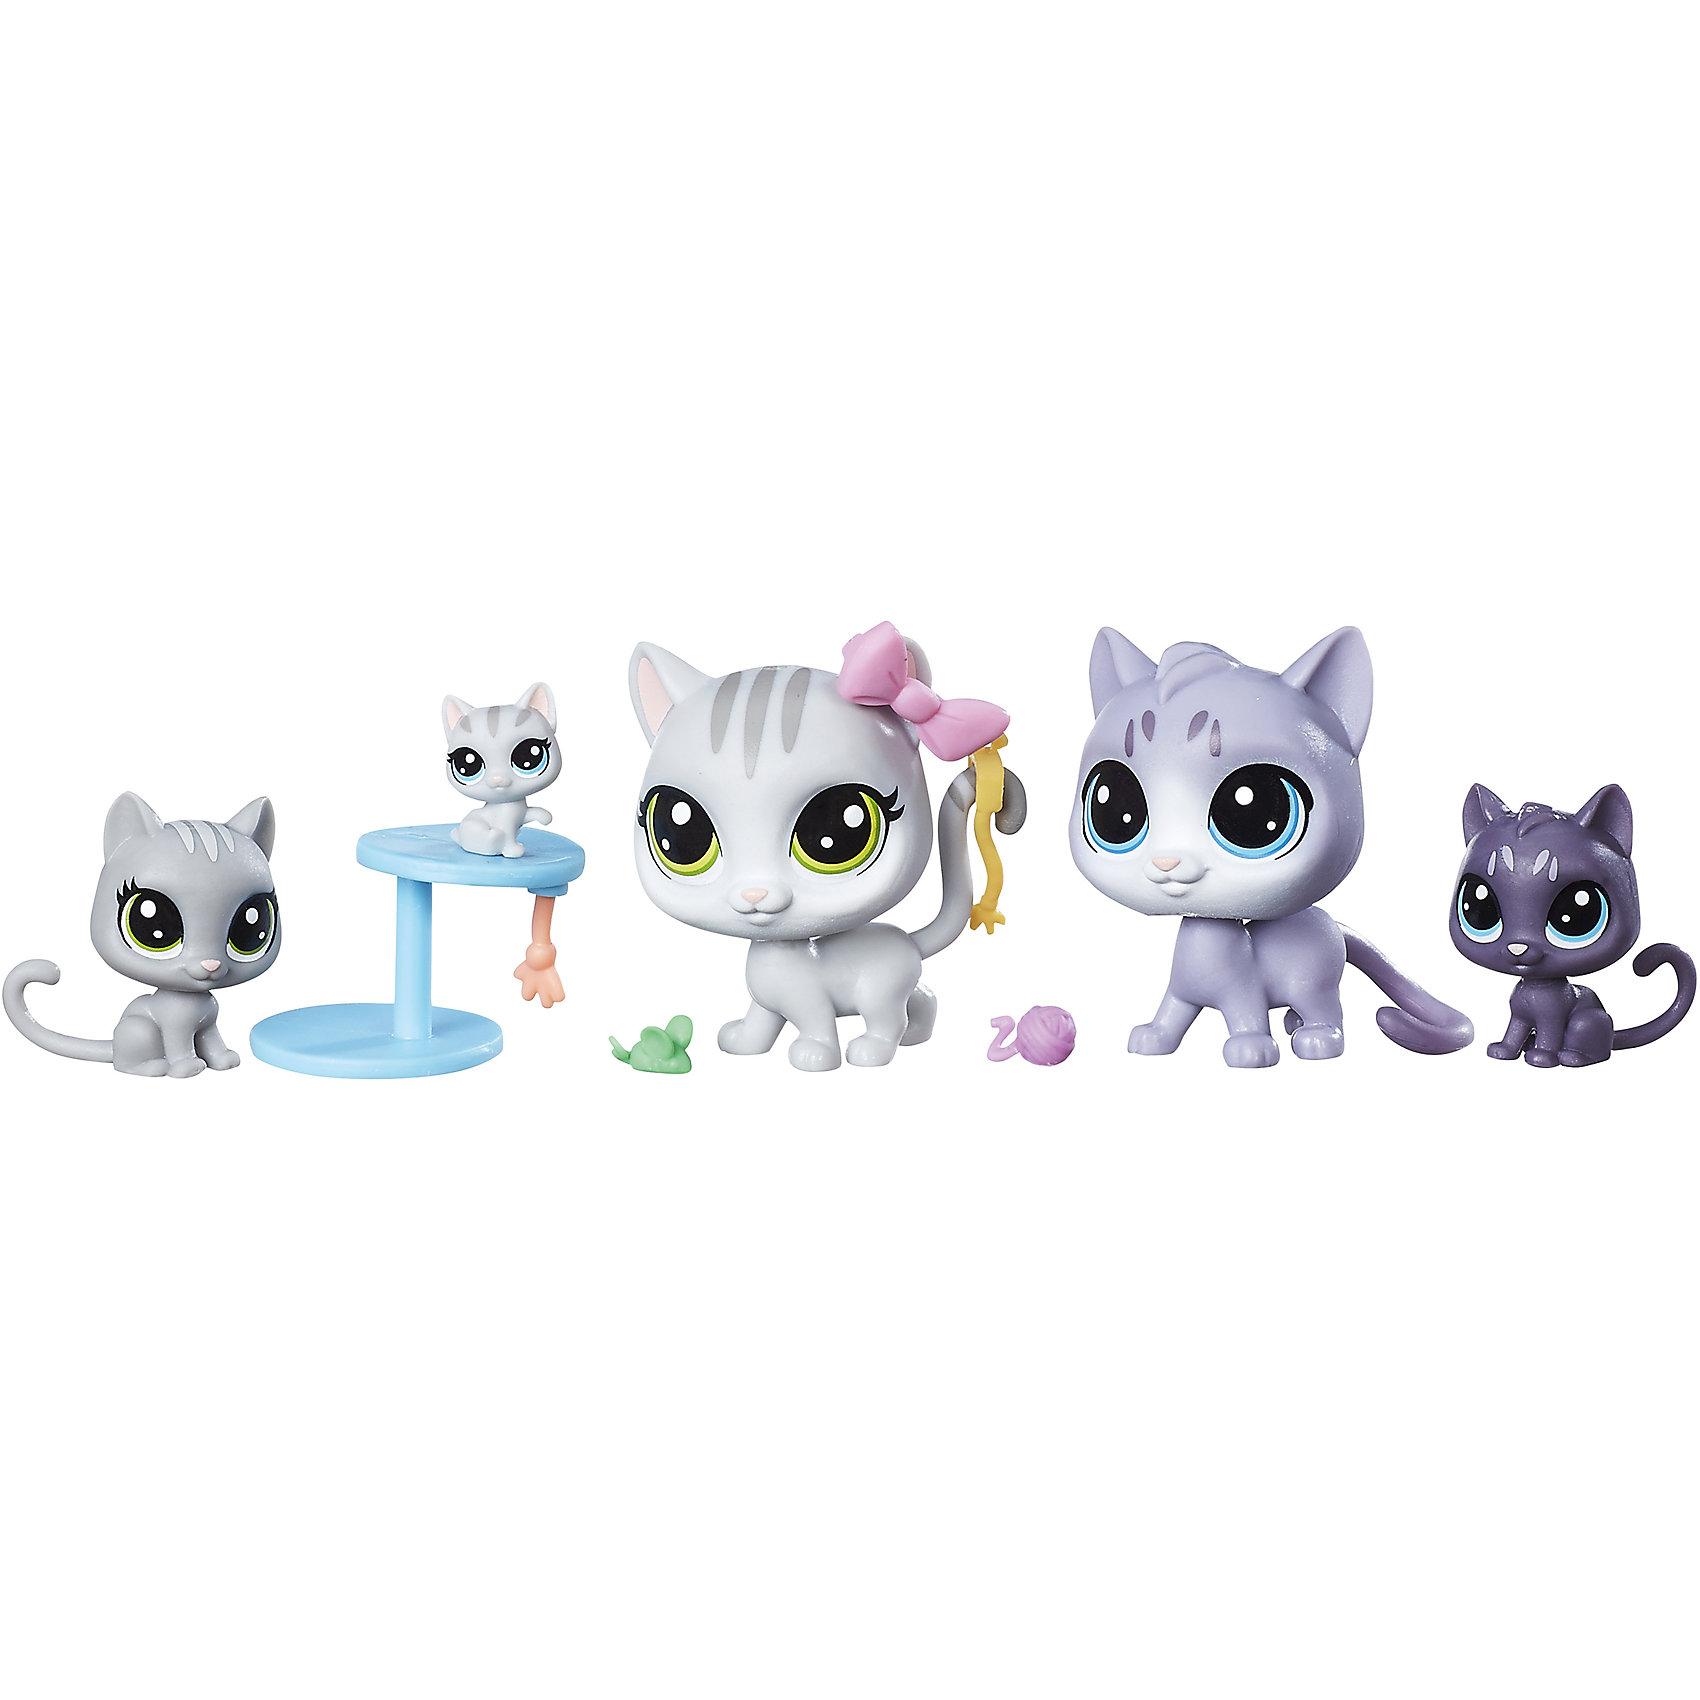 Мини-набор зверюшек, Littlest Pet ShopЛюбимые герои<br>Мини-набор зверюшек, Littlest Pet Shop<br><br>Характеристики:<br><br>- в набор входит: 2 стандартных питомца, 3 мини-питомца<br>- высота стандартного питомца: 5 см.<br>- состав: пластик<br>- для детей в возрасте: от 4 до 10 лет<br>- Страна производитель: Китай<br><br>Знаменитые питомцы Littlest Pet Shop (Литтлест Пэт Шоп) от известного американского бренда товаров для детей Hasbro (Хасбро) получили новый набор с семьей котиков! Серенькие мама и папа котики со своими тремя очаровательными котятами приведут в восторг всех любителей семейства кошачьих. Кошка и кот представлены в стандартном размере питомцев, у кошки красивый аксессуар – бантик. Игривые котята разных оттенков серого выглядят особенно мило благодаря своим большим отлично прорисованным глазкам. Самый маленький котенок сидит на двух ярусной когтеточке. В набор входят две кошачьи игрушки, чтобы котята могли играть. <br><br>Соберите всех питомцев из Littlest Pet Shop (Литтлест Пэт Шоп) и никогда с ними не расставайтесь! Набор отлично подойдет как для игры дома, так и для игр в поездке. Все детали изготовлены из высококачественного пластика. Играя с этим набором ребенок сможет развивать социальные навыки, развивать воображение и творческие способности. <br><br>Мини-набор зверюшек, Littlest Pet Shop можно купить в нашем интернет-магазине.<br><br>Ширина мм: 38<br>Глубина мм: 216<br>Высота мм: 203<br>Вес г: 160<br>Возраст от месяцев: 48<br>Возраст до месяцев: 120<br>Пол: Женский<br>Возраст: Детский<br>SKU: 5385708